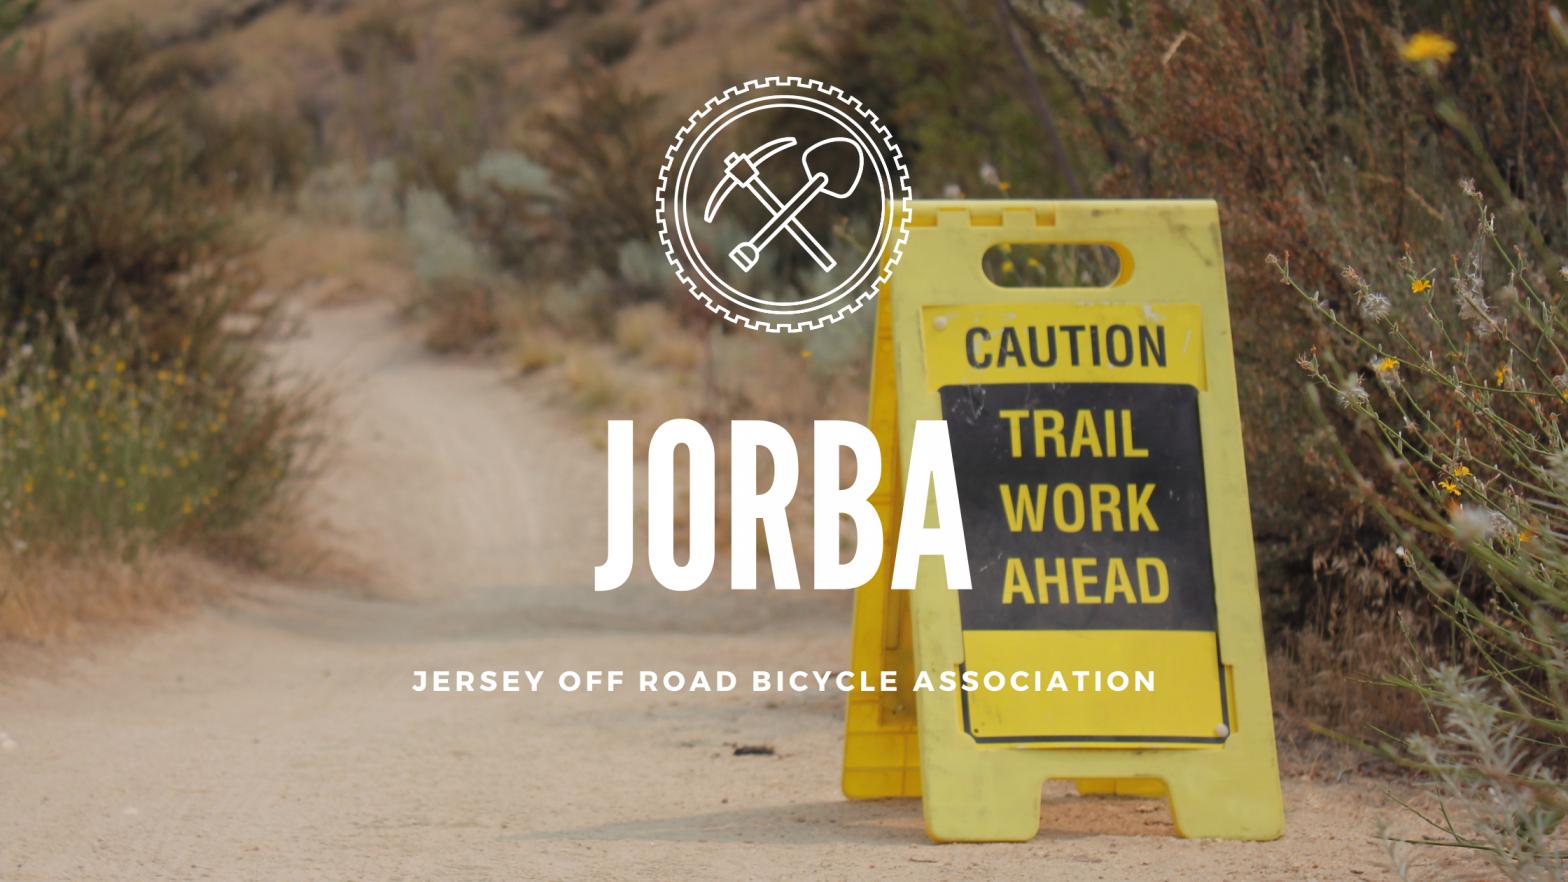 JORBA Trail Work Ahead